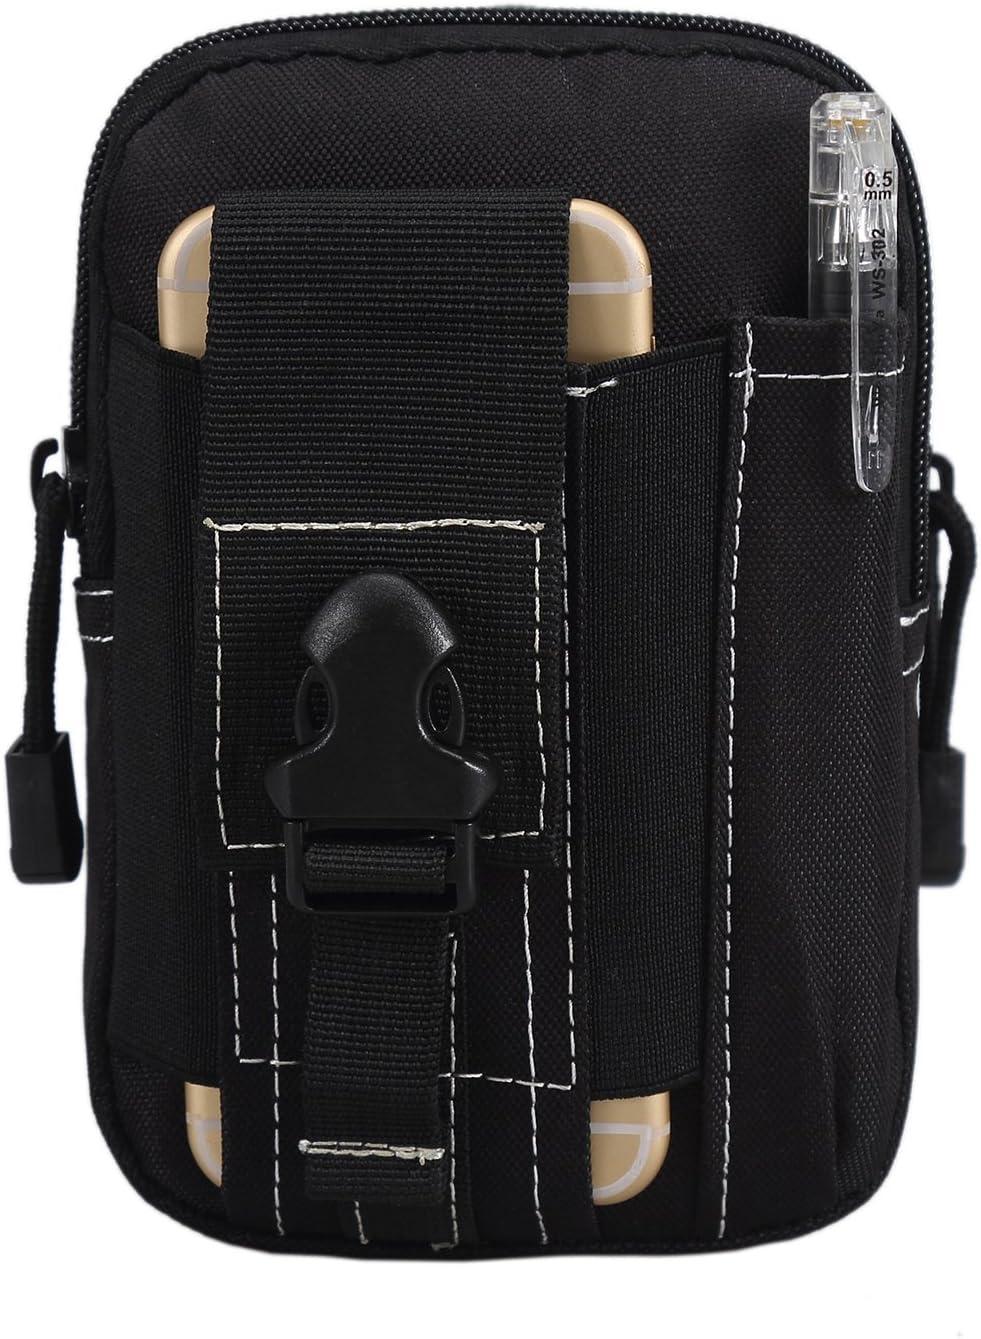 K-Star compacto multifunción táctica Smartphone Negro Funda MOLLE EDC Pack de seguridad Carry Case bolsa cinturón cintura bolsa Gadget bolsillo dinero para iPhone 6plus